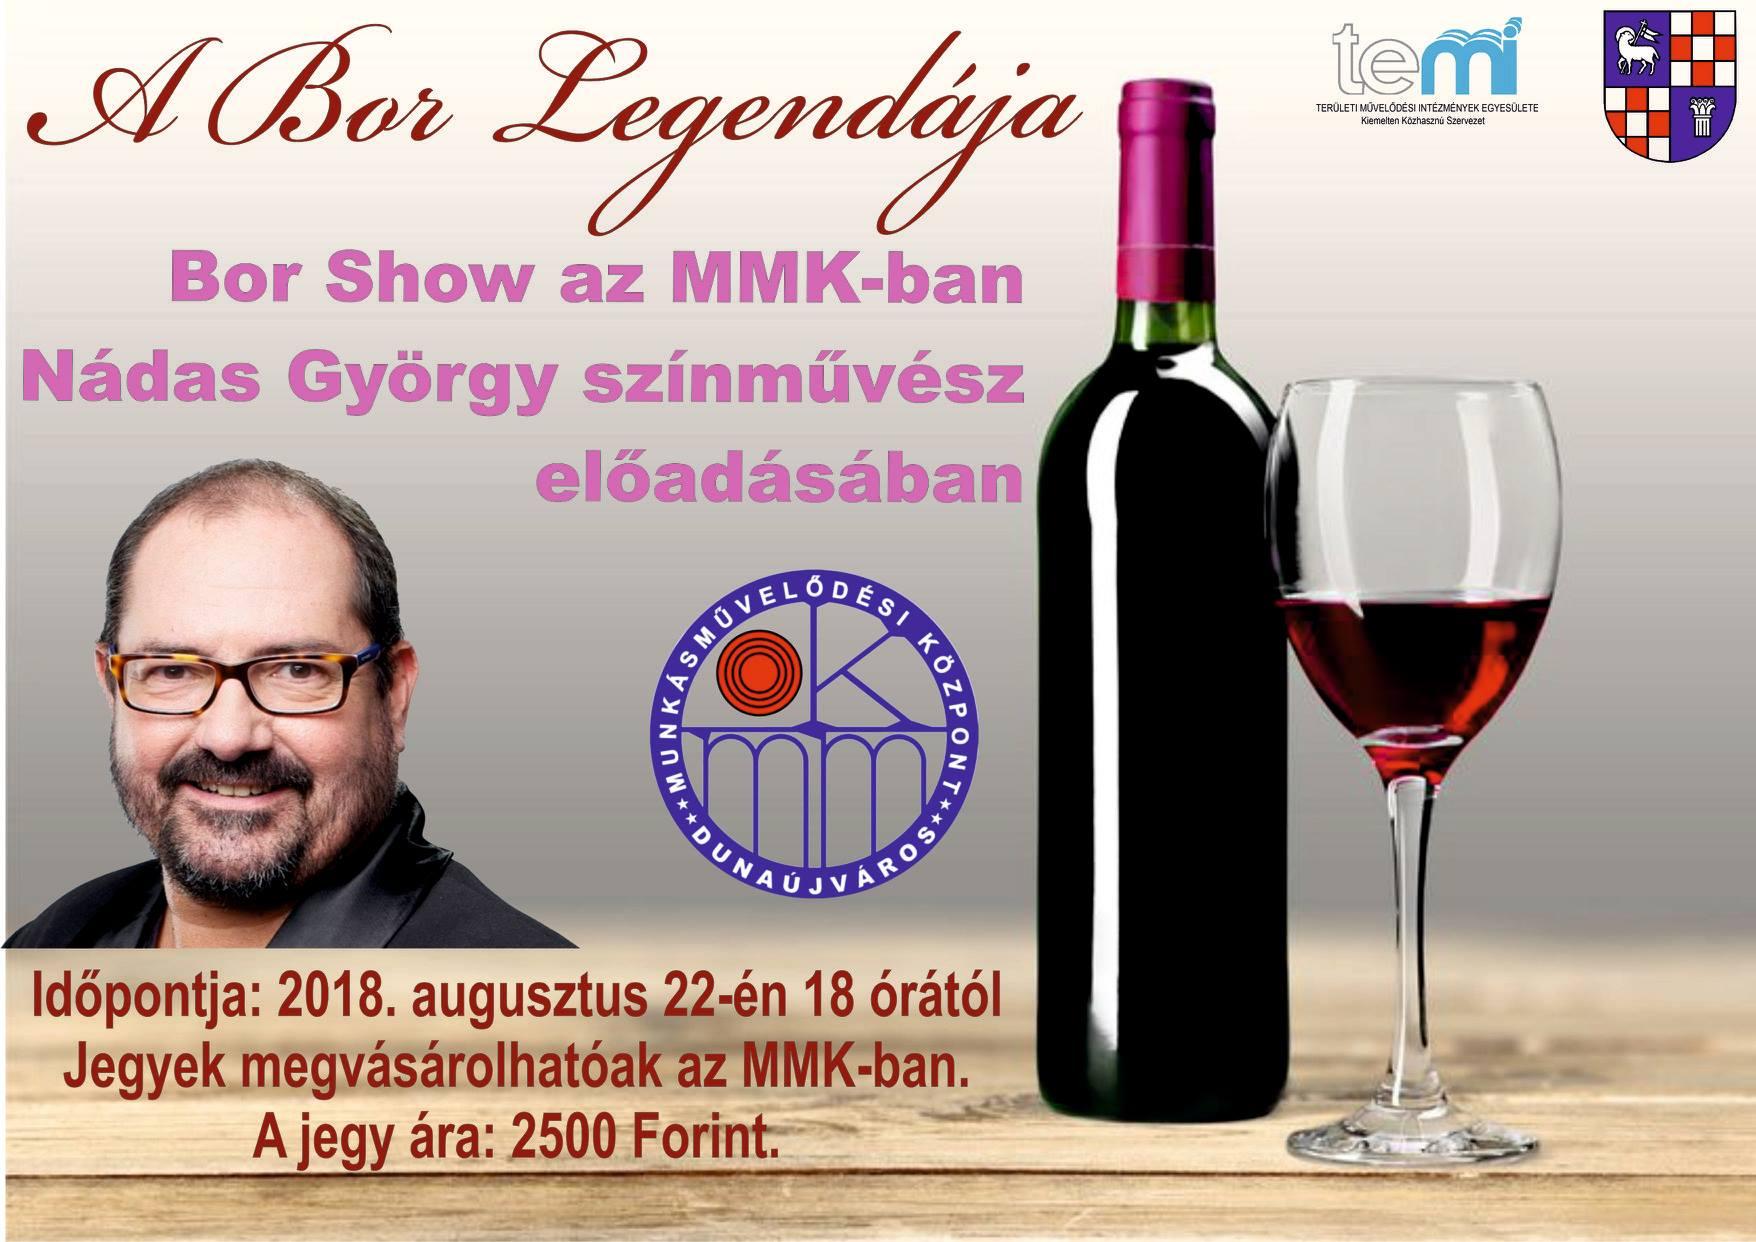 A Bor Legendája - Bor Show az MMK-ban